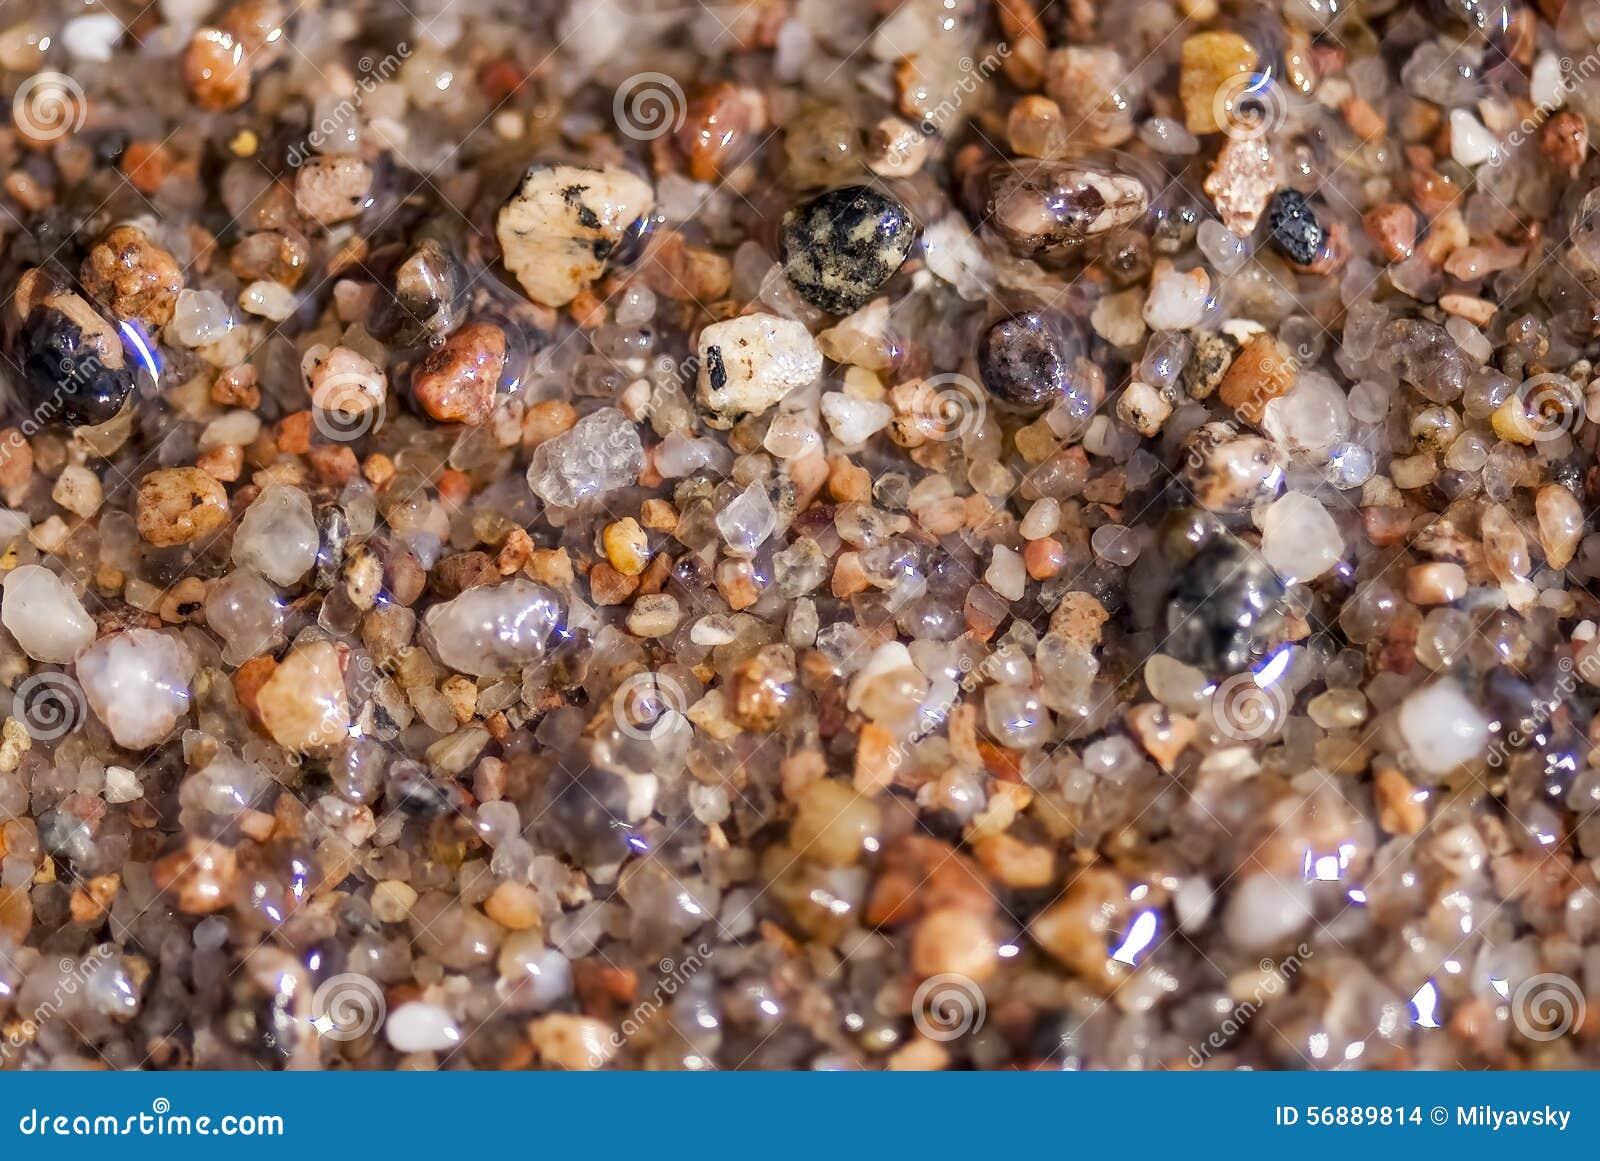 Sable de mer humide ou cailloux minuscules, macro vue